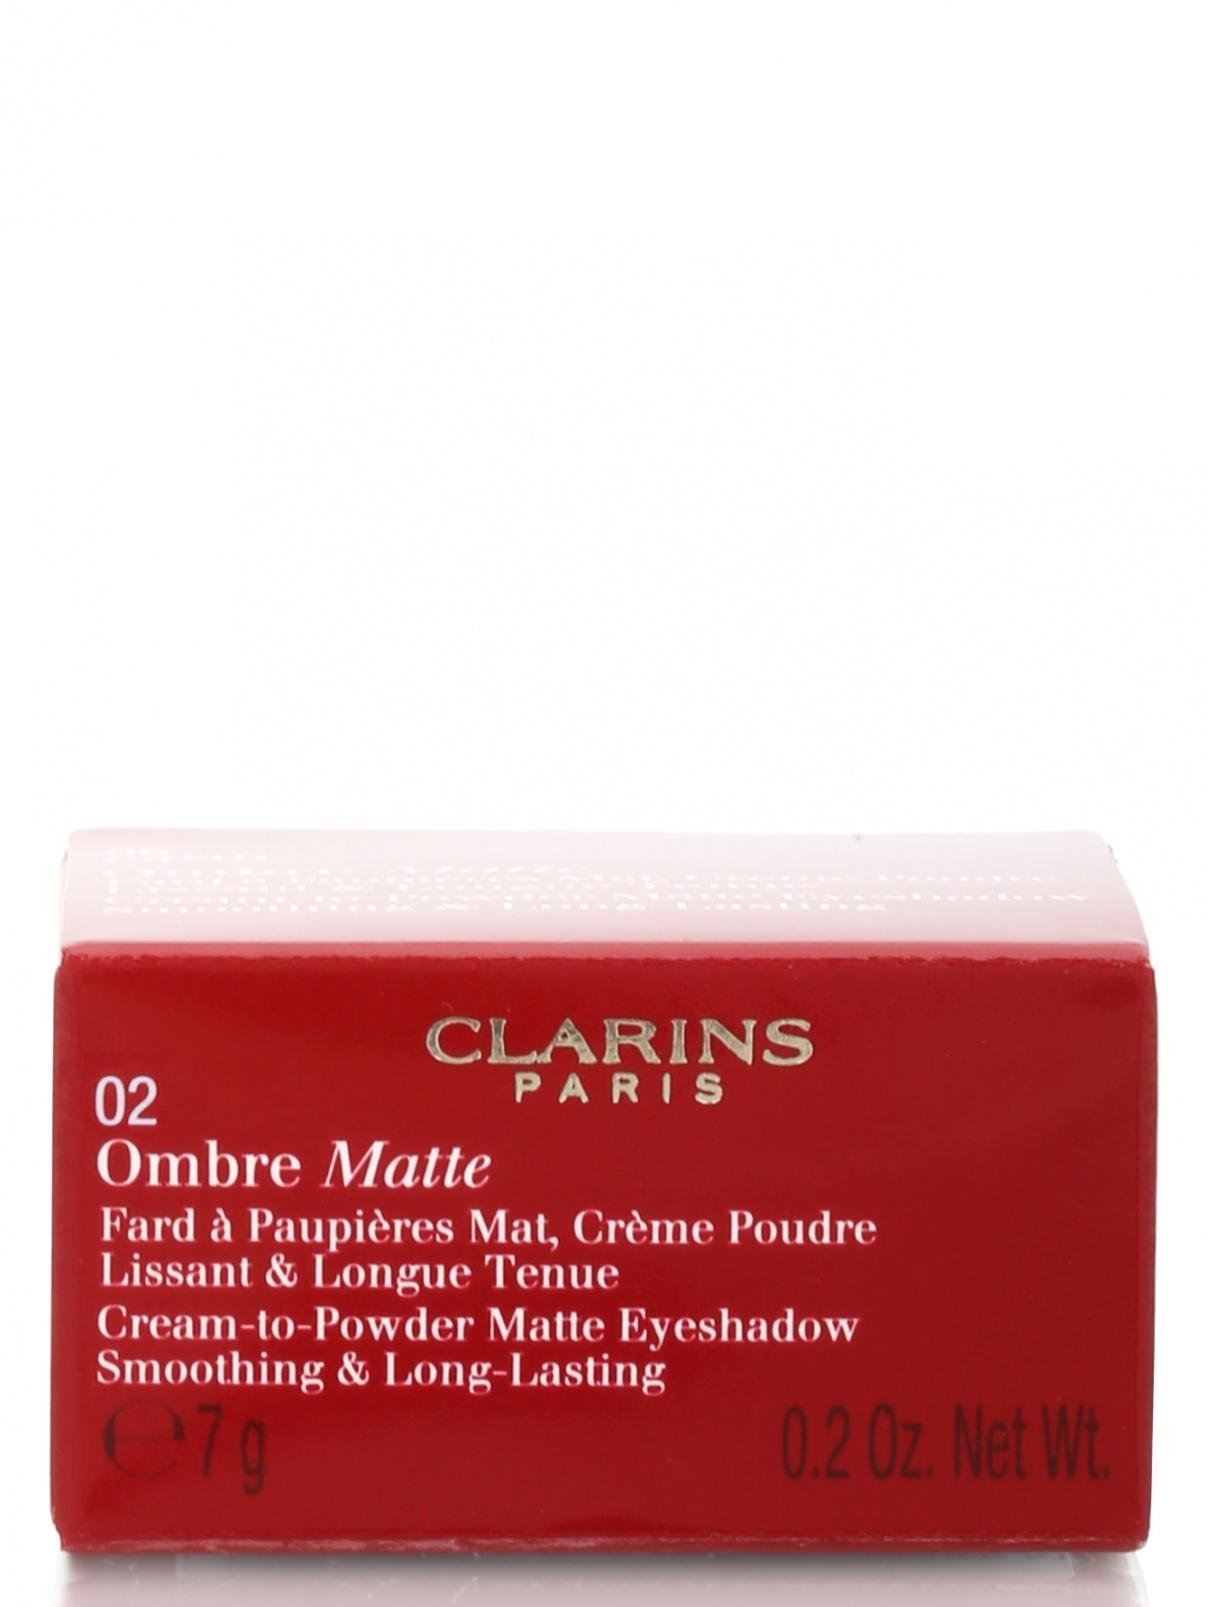 Бархатистые тени для век - №02 Nude pink, Ombre Matte Clarins  –  Модель Общий вид